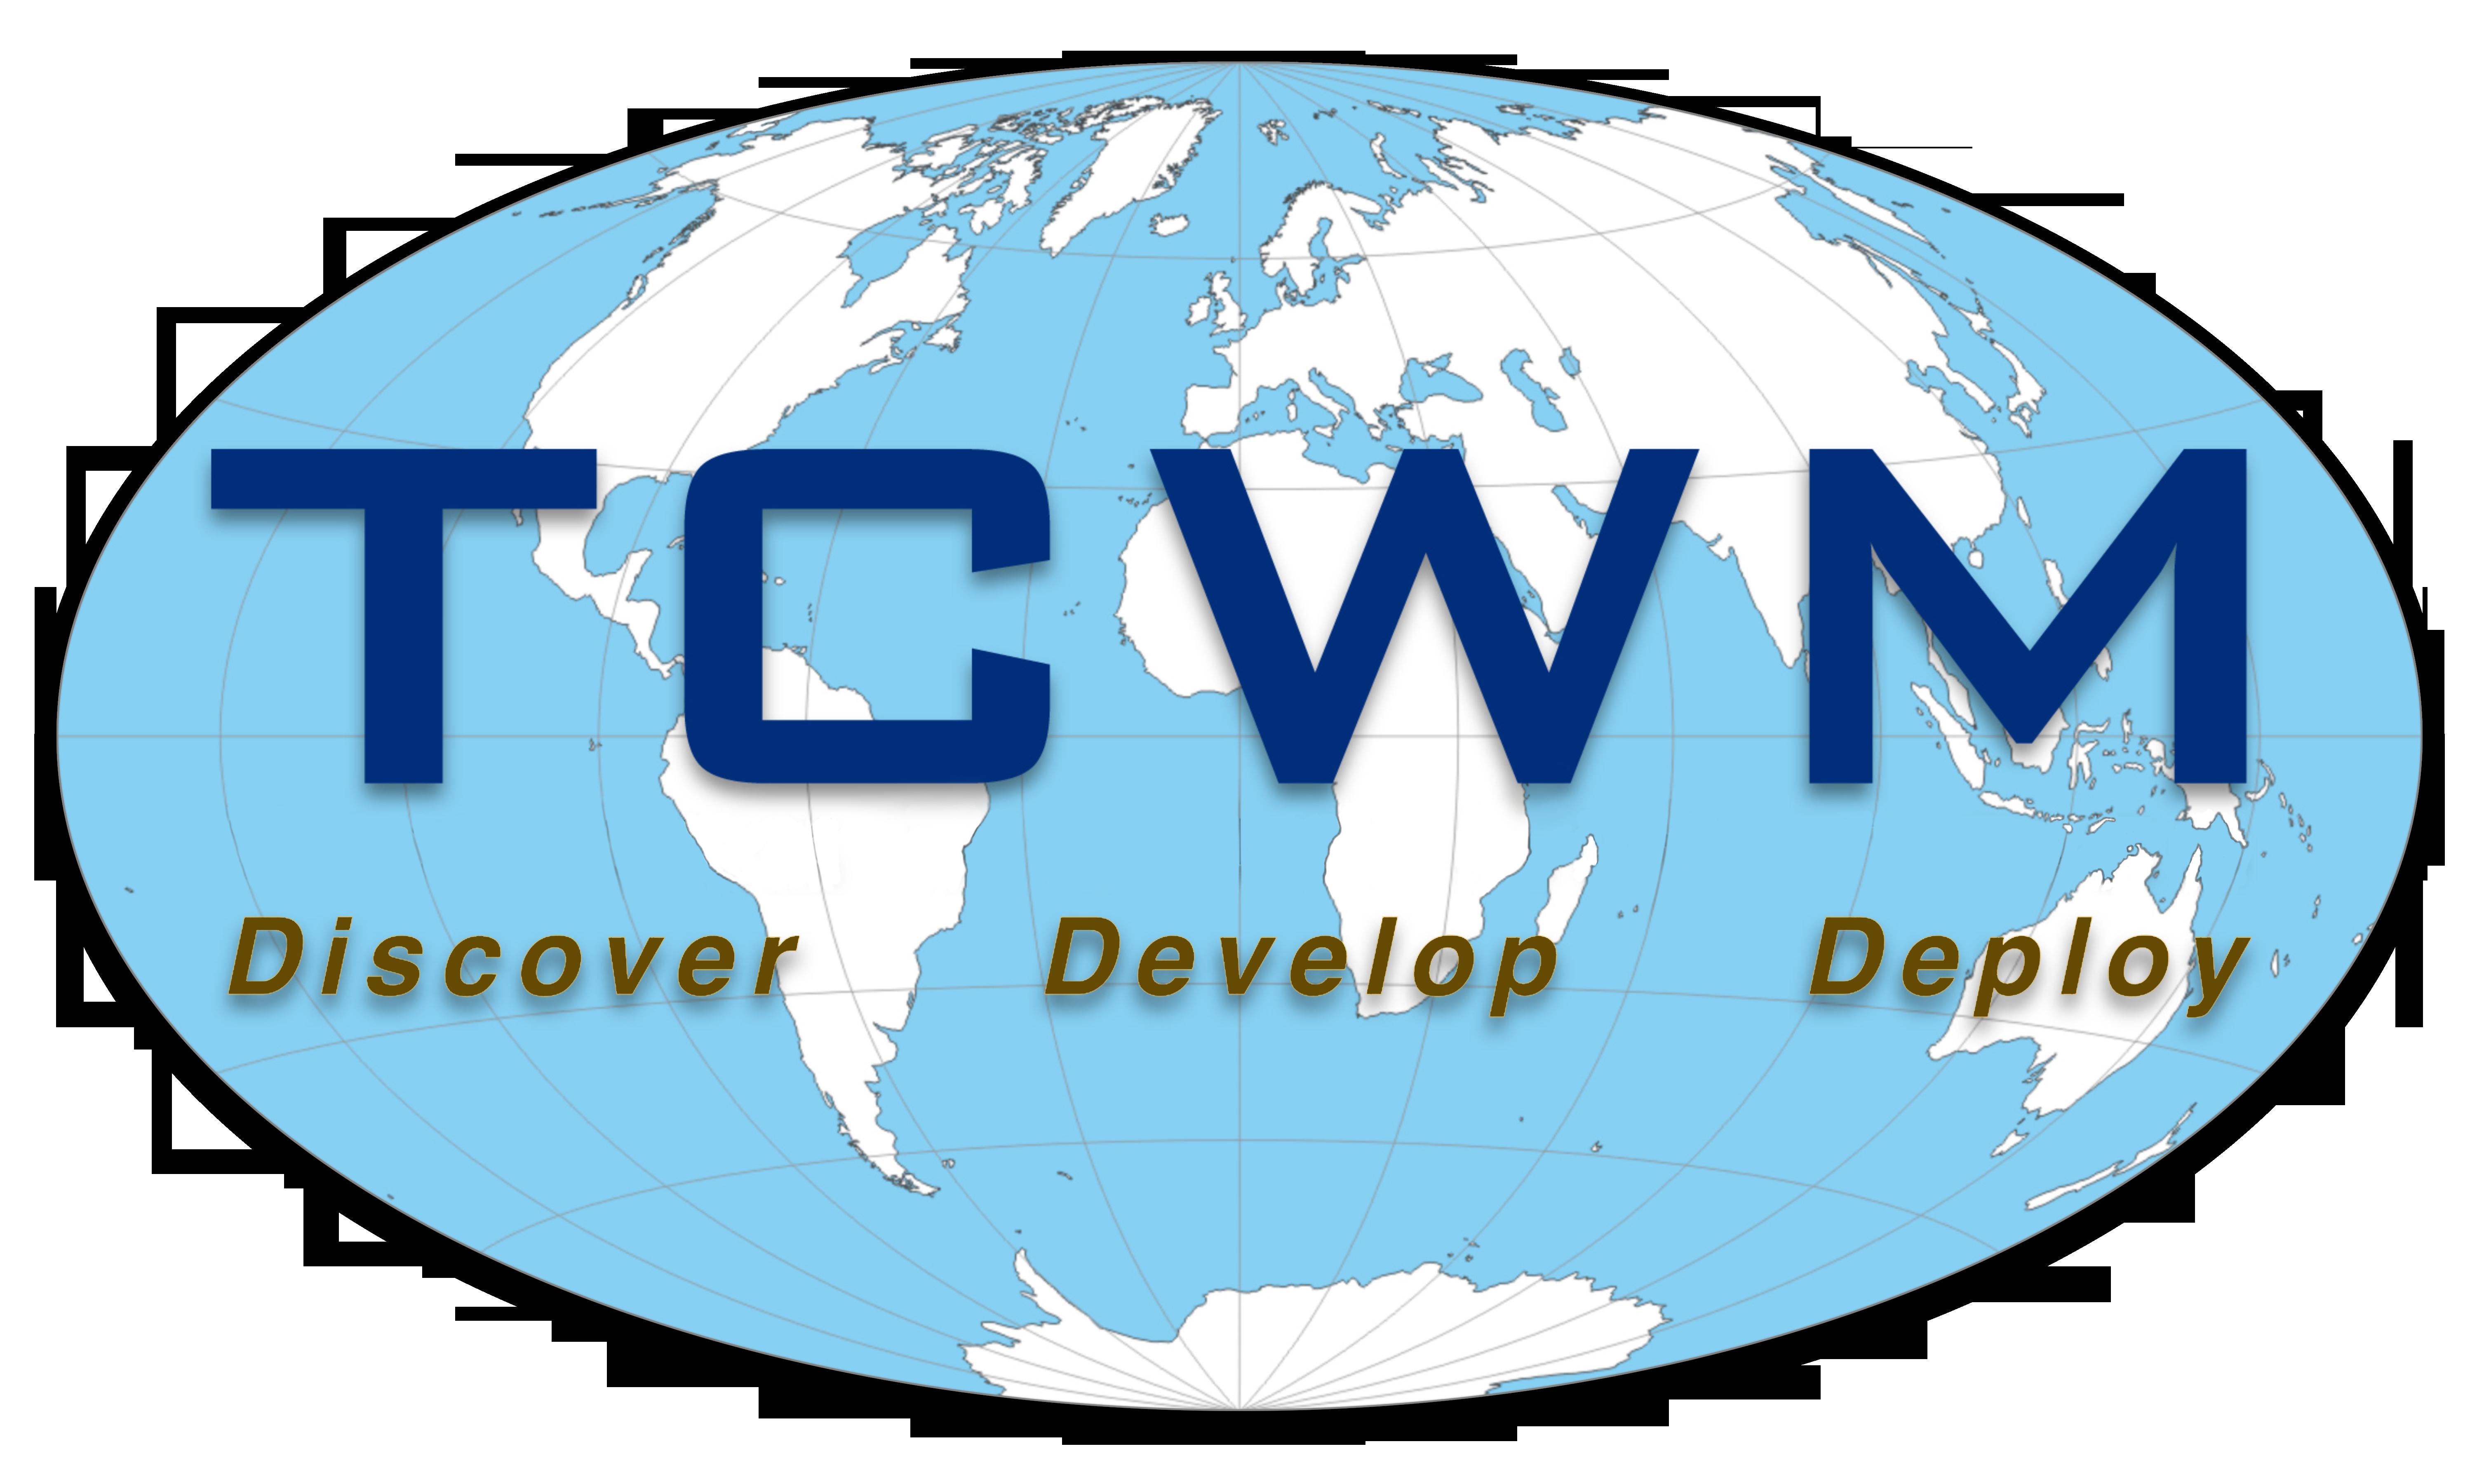 Tcwm_logo_2019-large_dddoriginal